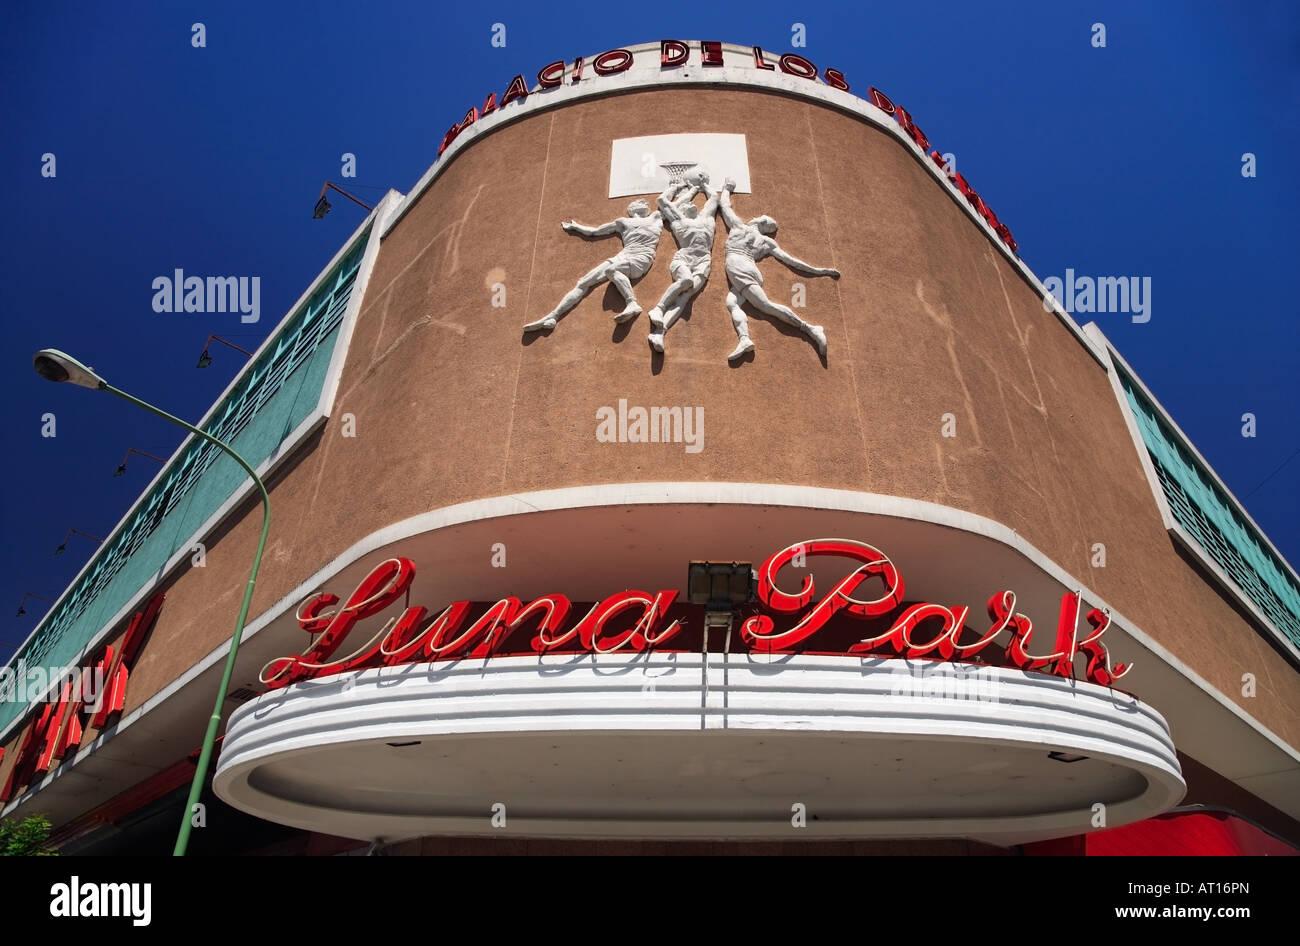 Estadio Luna Park fachada esquina, en el centro de la ciudad, Buenos Aires, Argentina Imagen De Stock